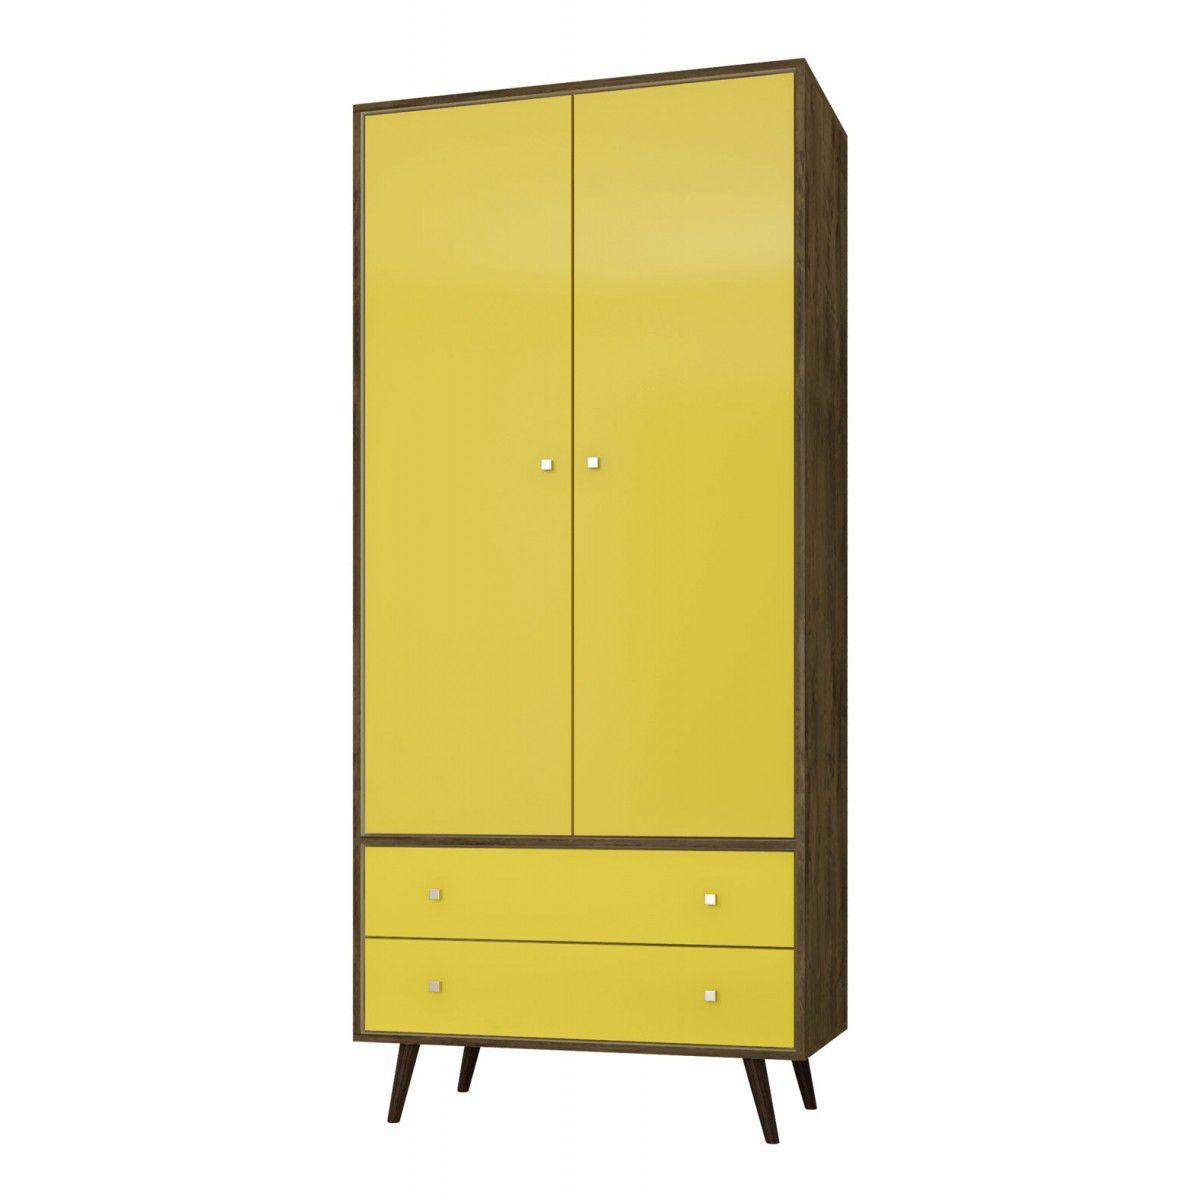 Guarda-Roupa Milão Madeira Rústica com Amarelo - Móveis Bechara